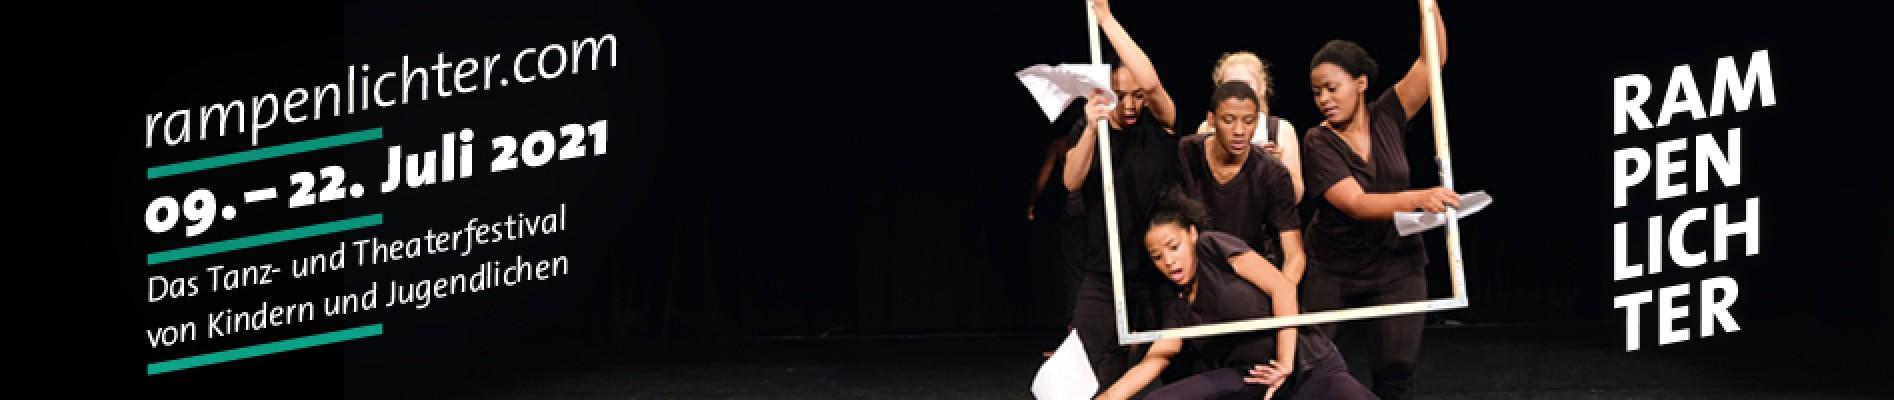 Rampenlichter - Tanz- und Theaterfestival von Kindern und Jugendlichen